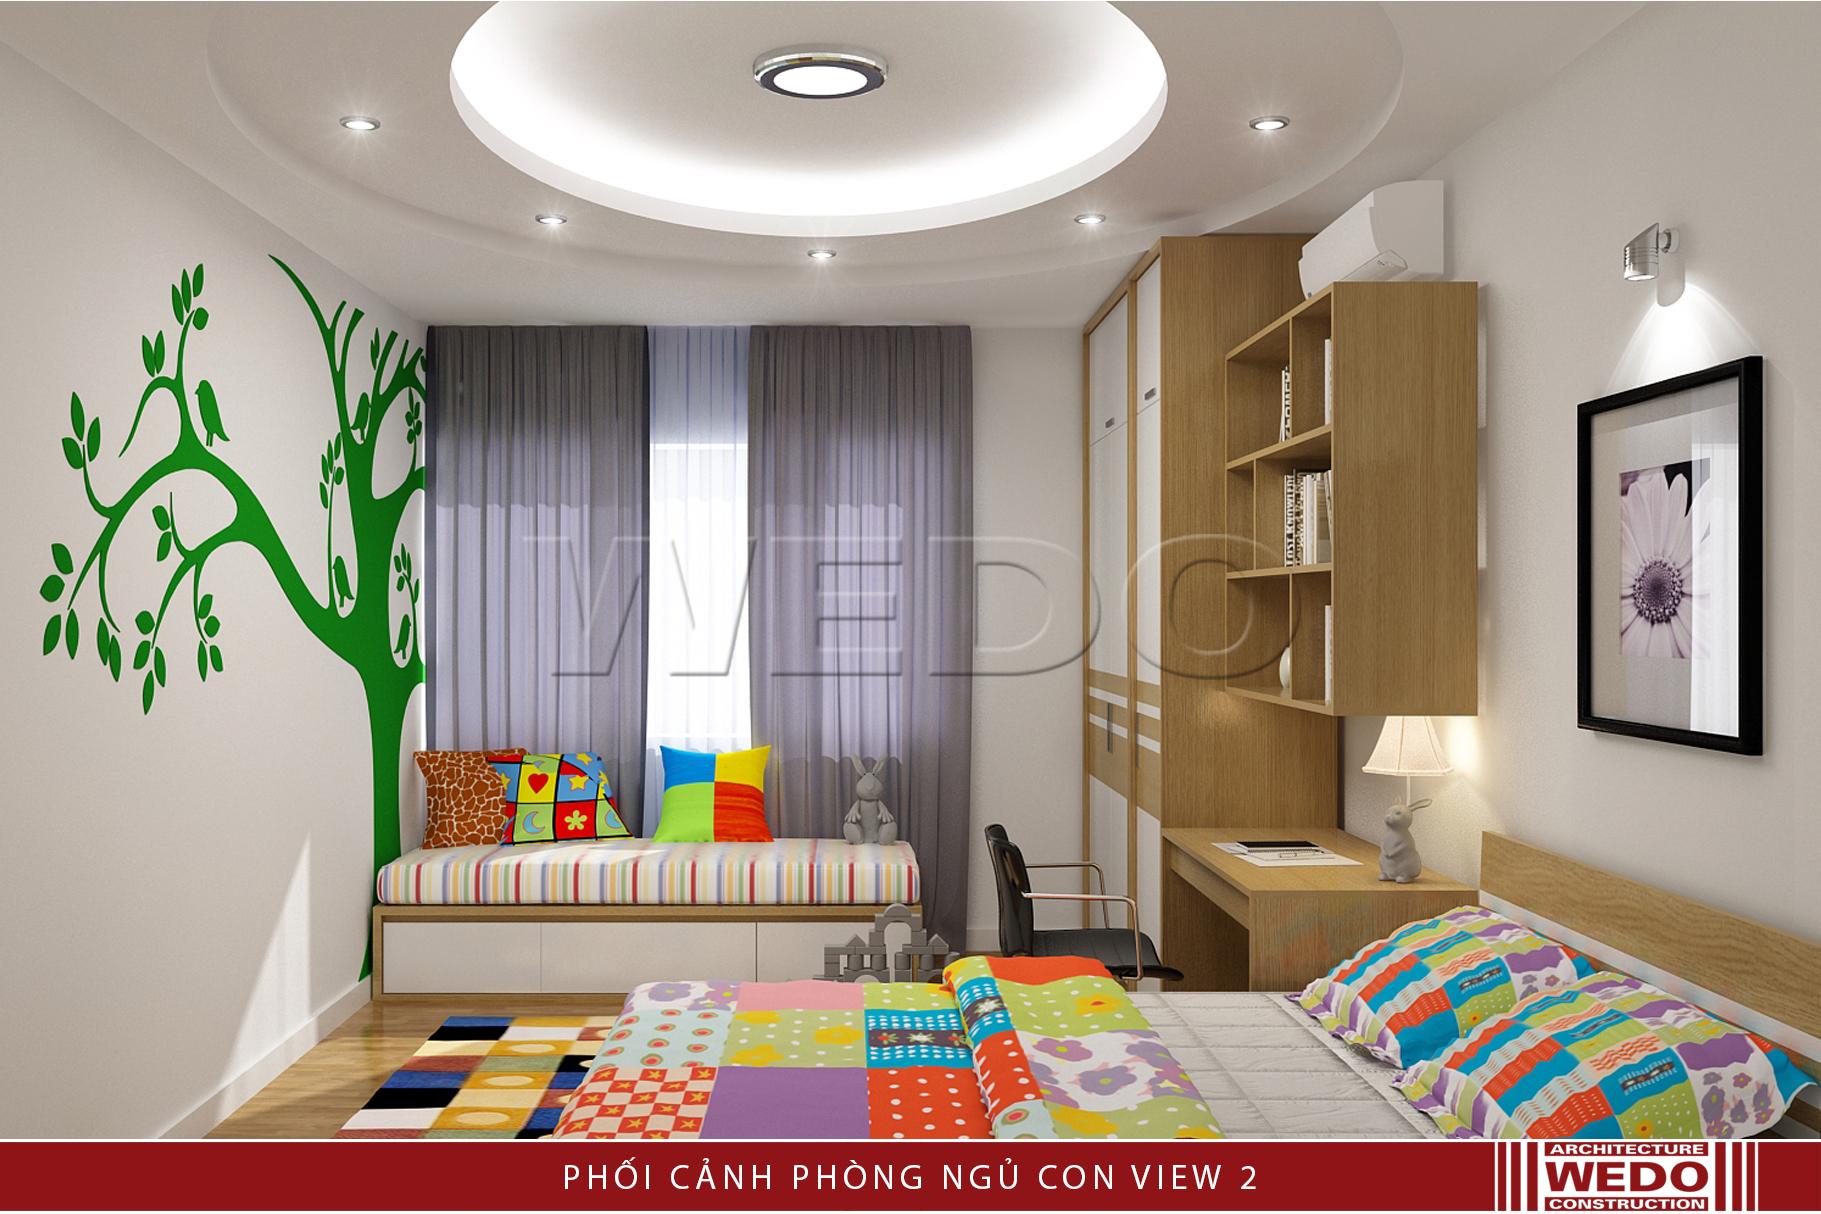 Nội thất phòng ngủ nhỏ chung cư alphanam 47 Vũ Trọng Phụng nhìn ra cửa sổ